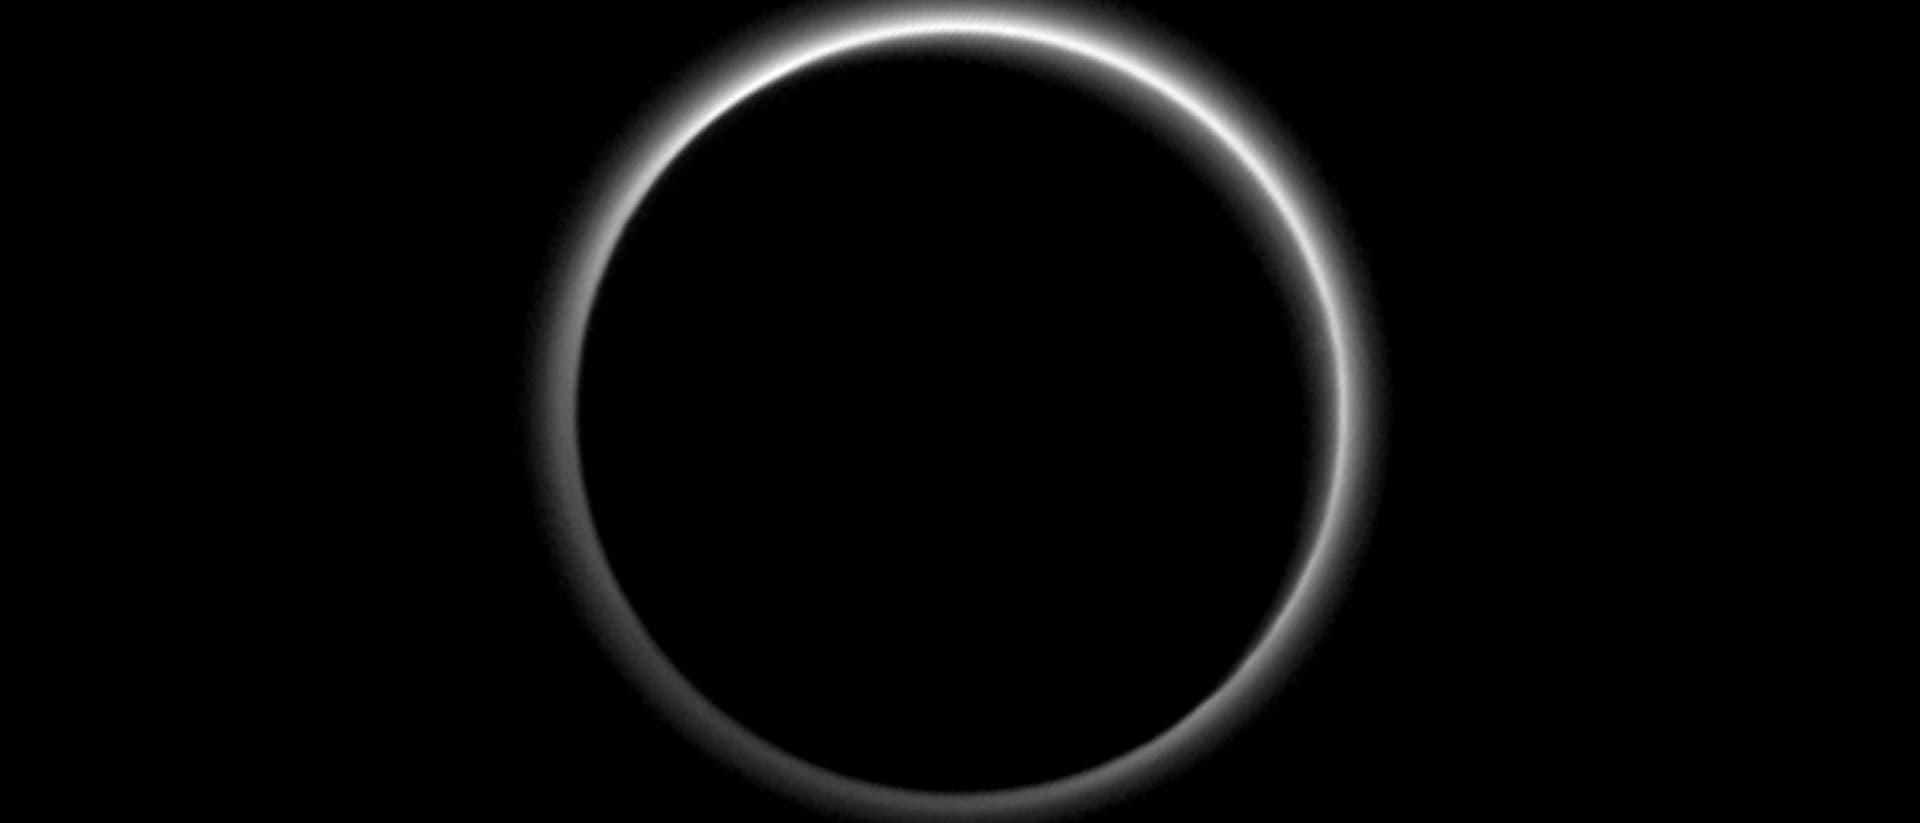 Atmosphärenhalo um den dunklen Pluto